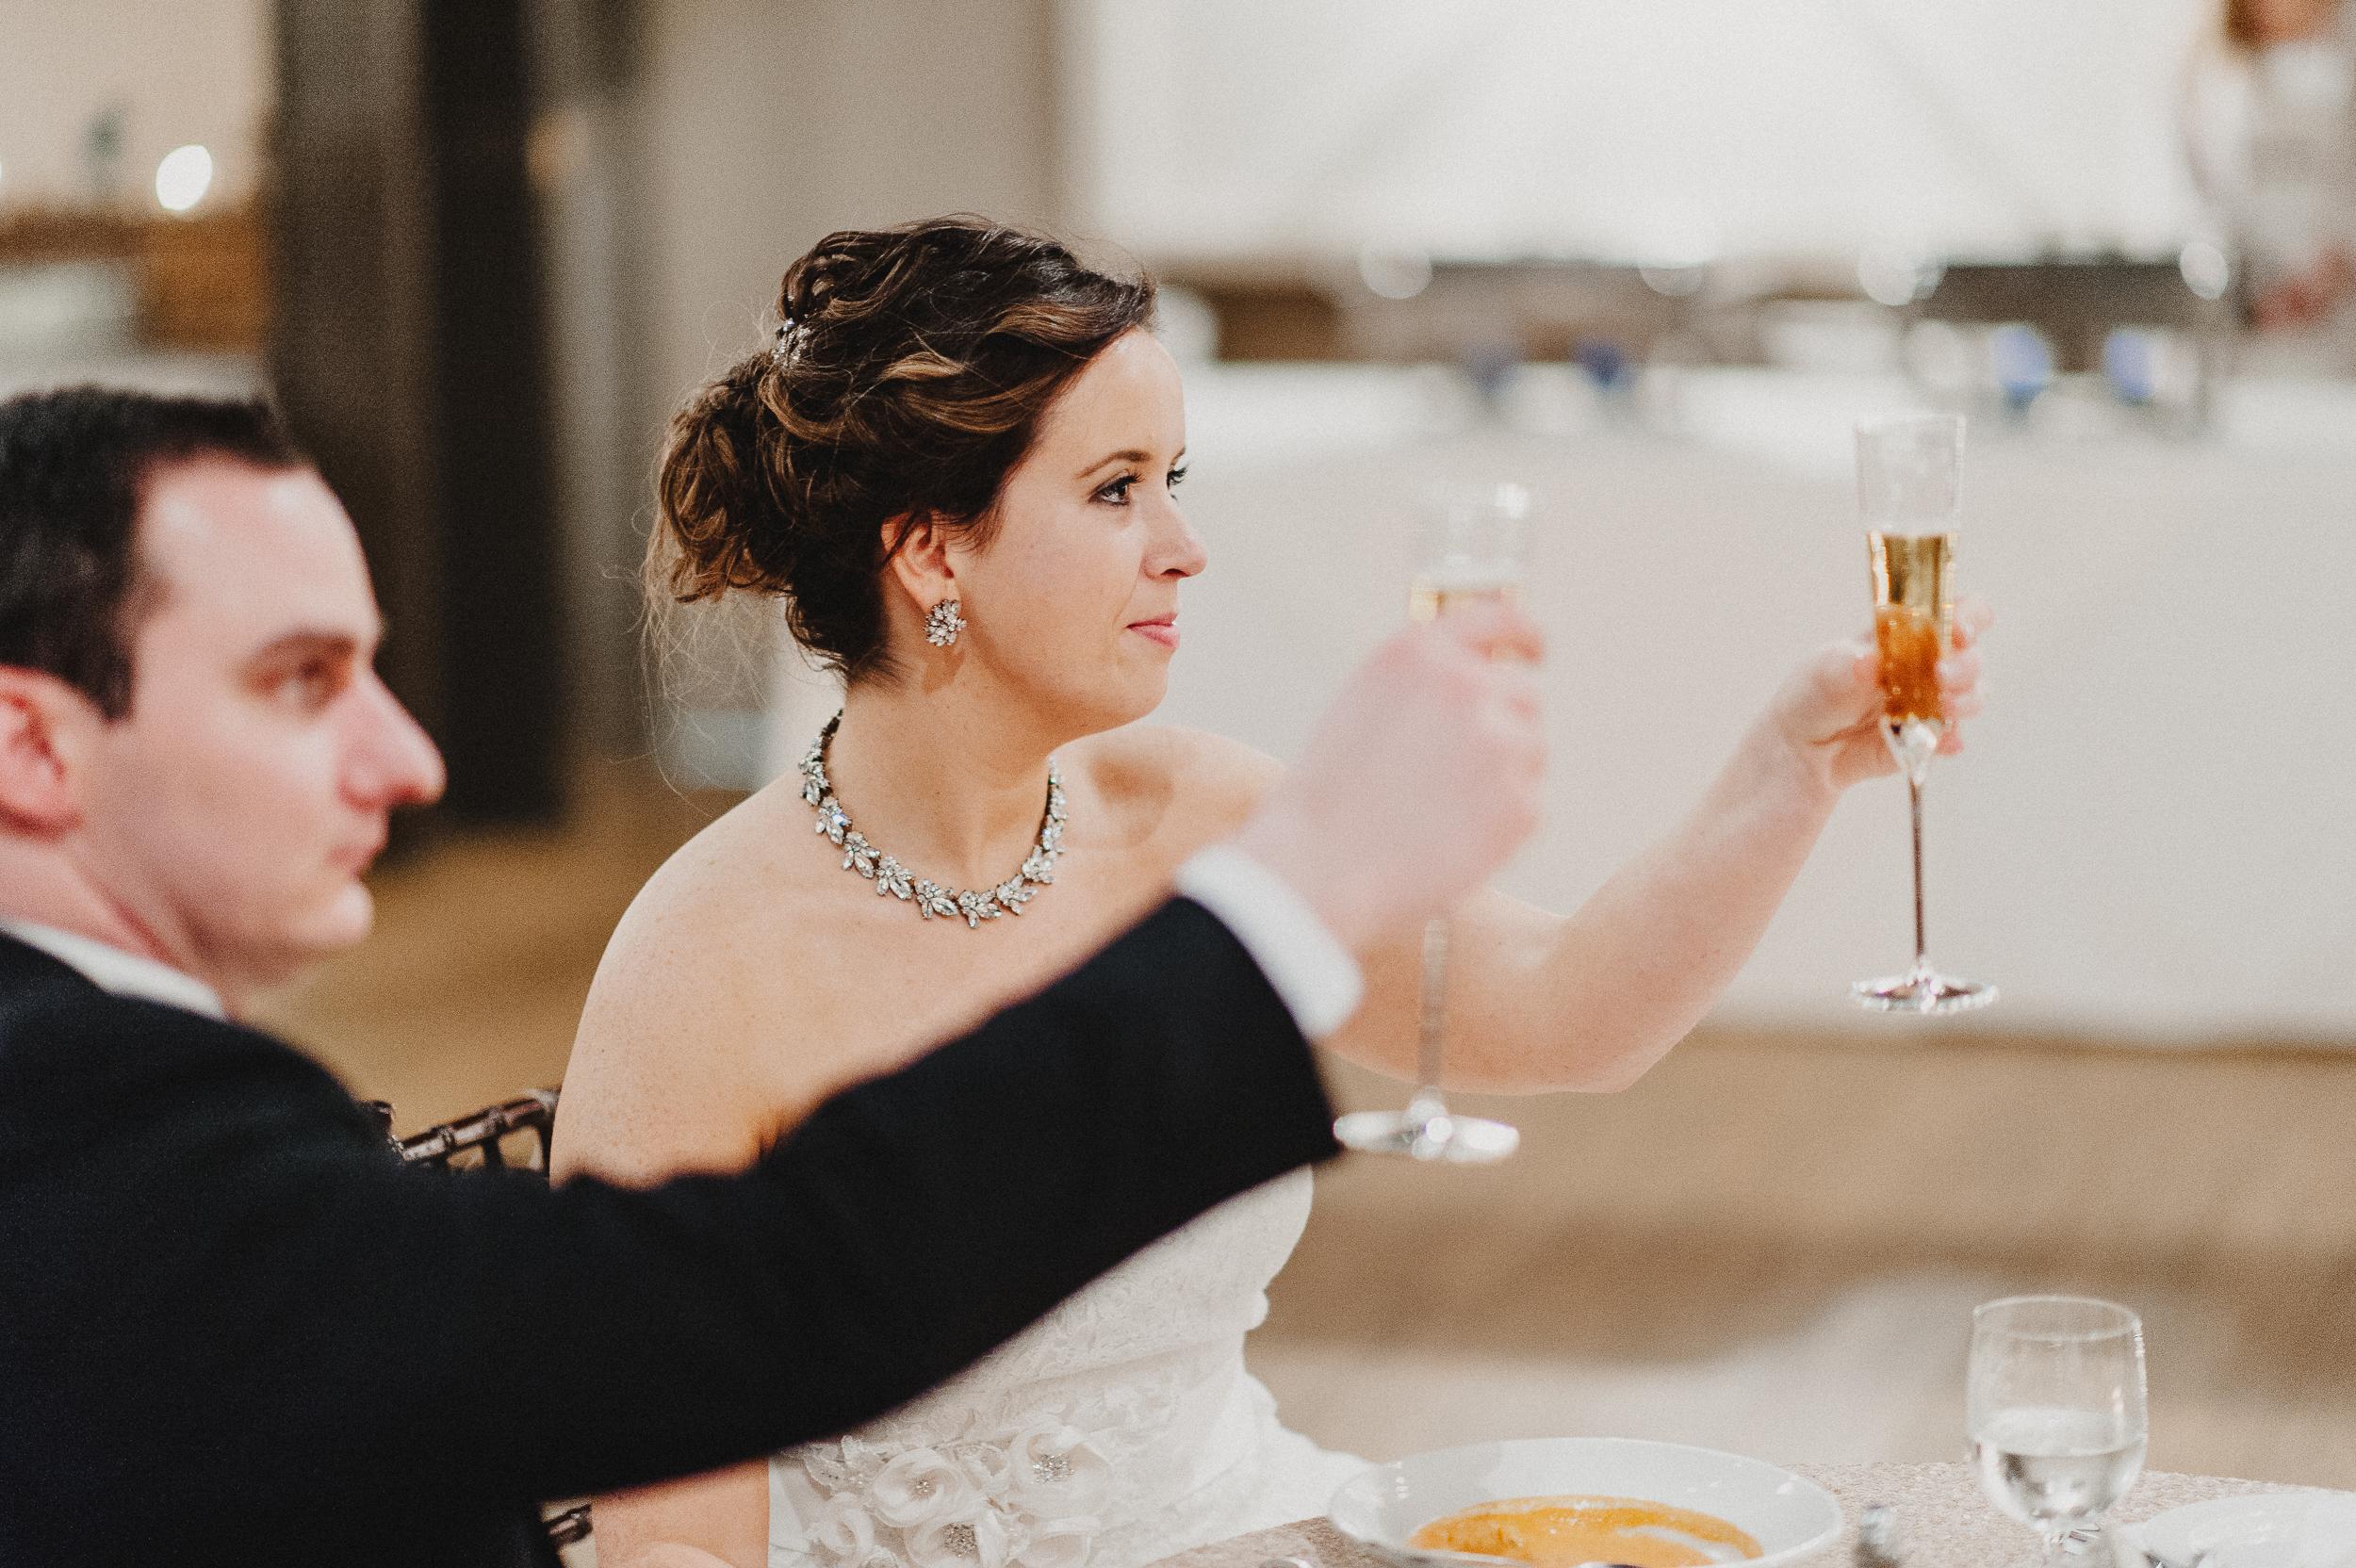 vermont-destination-wedding-photographer-63.jpg